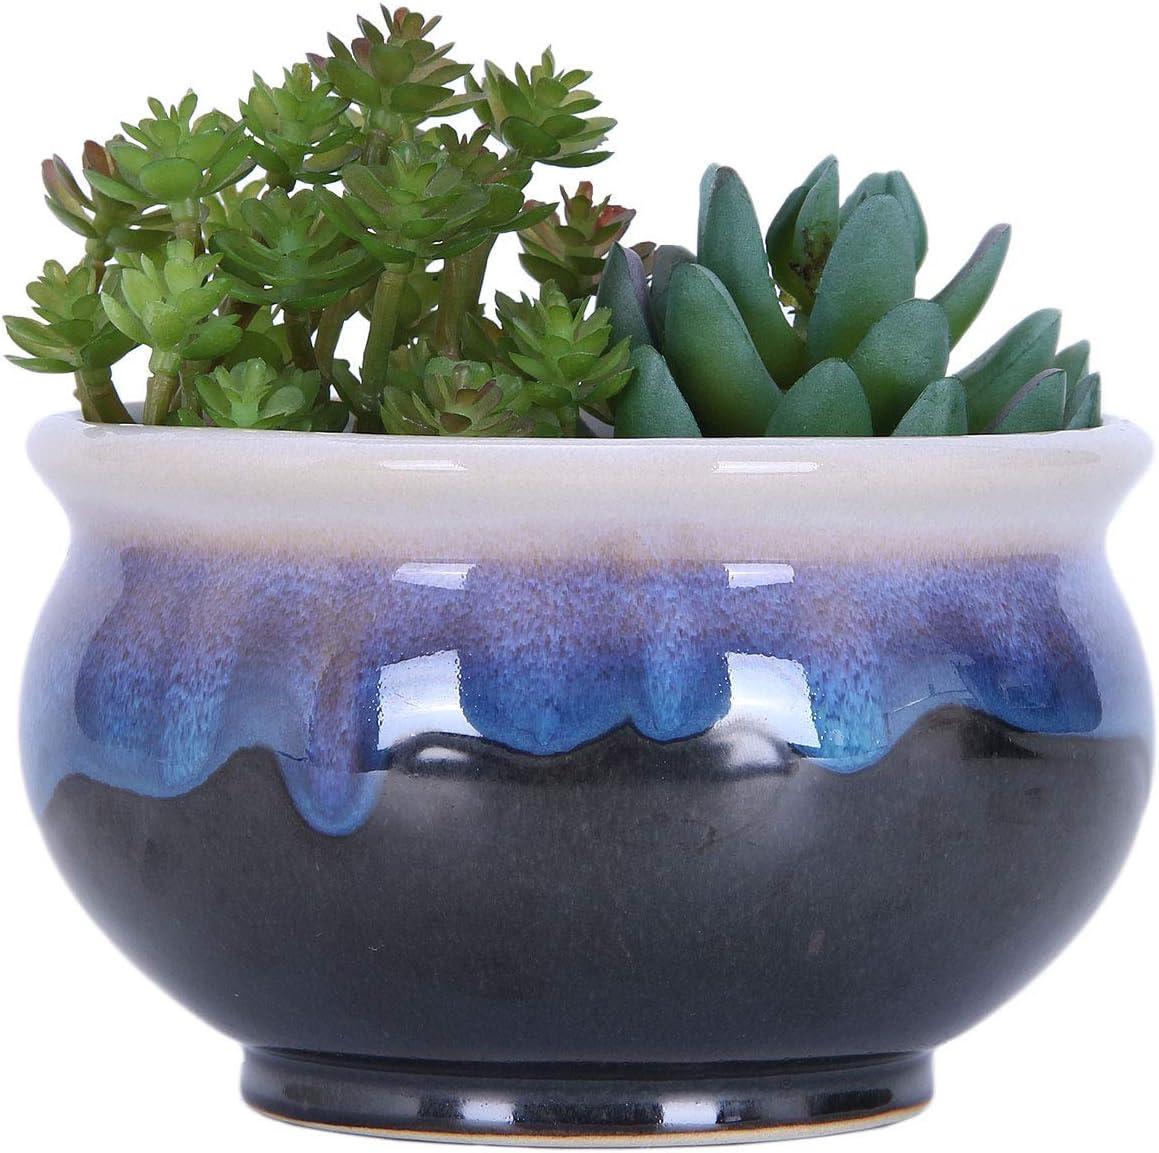 VanEnjoy Large Ceramic Succulent Ranking TOP11 Flowin Sales for sale Pot Multicolor Colorful